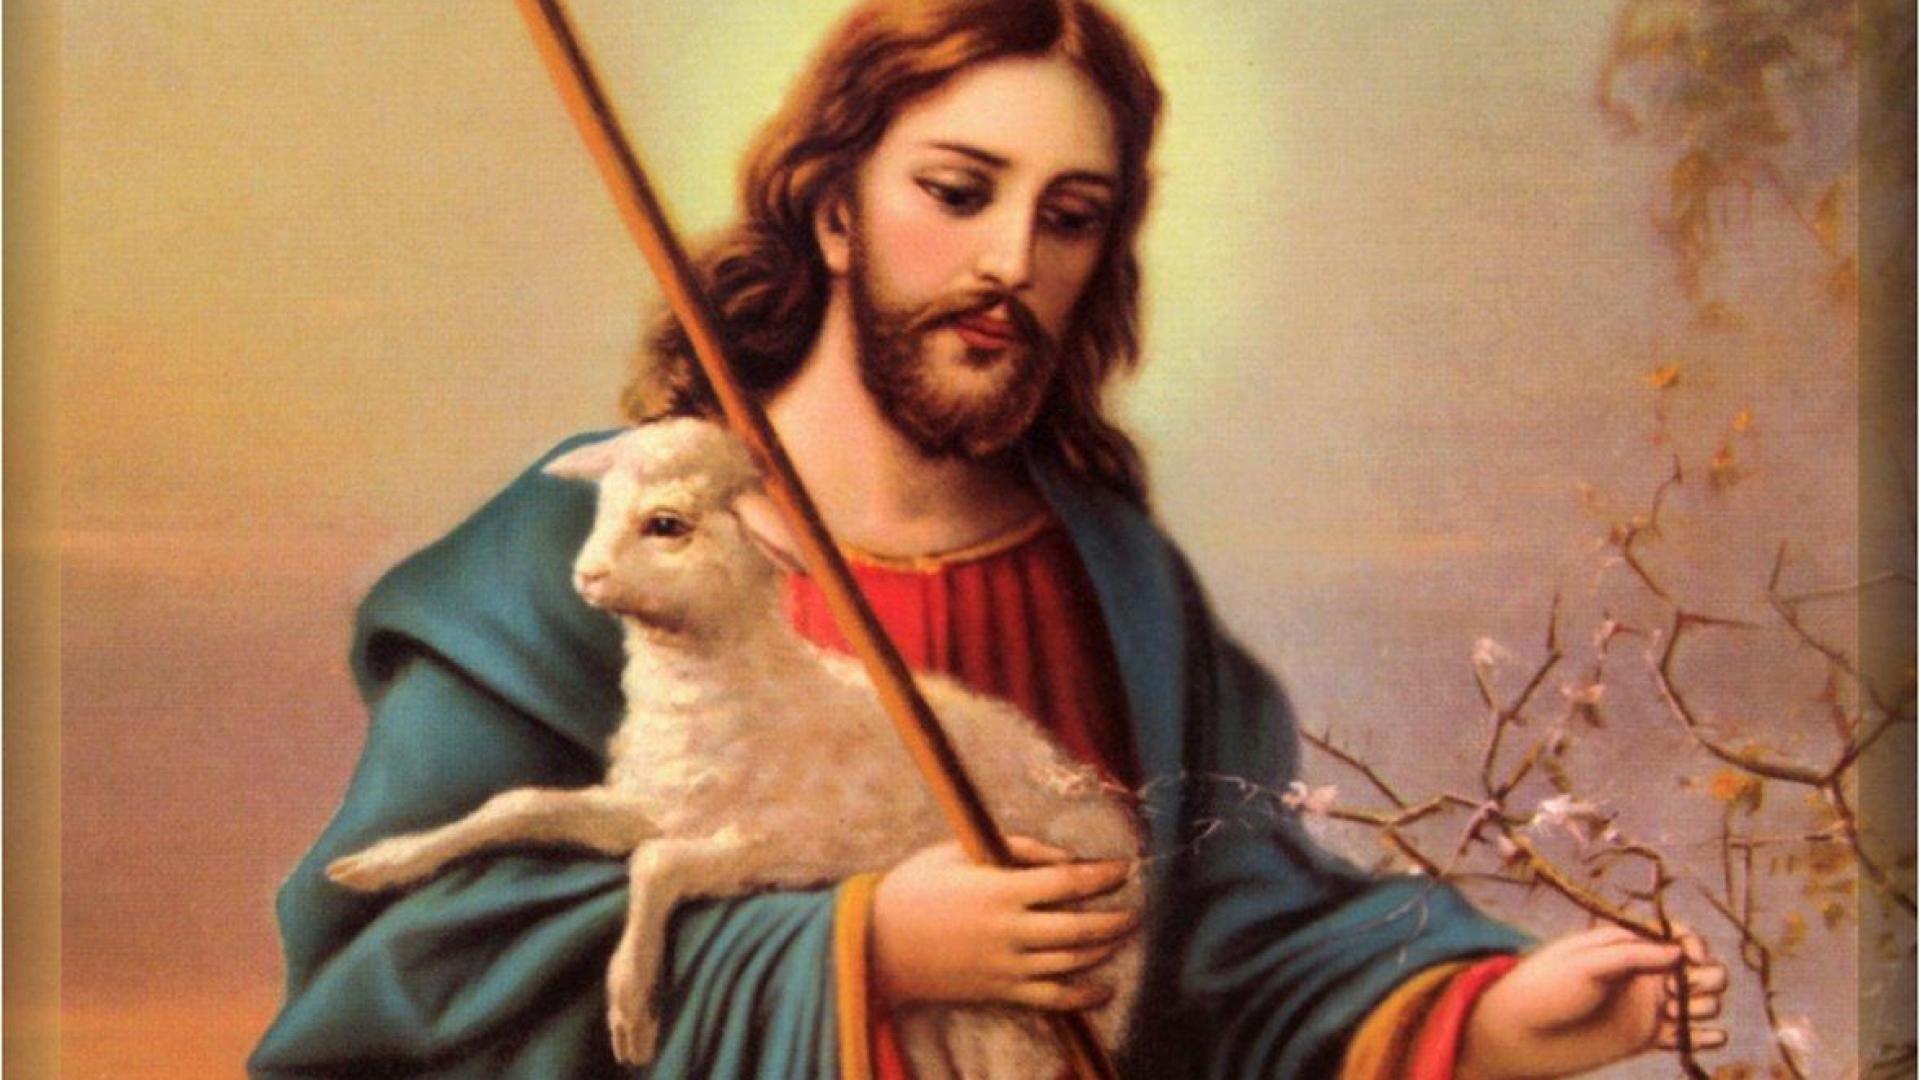 Bacaan Injil, Renungan Harian Katolik